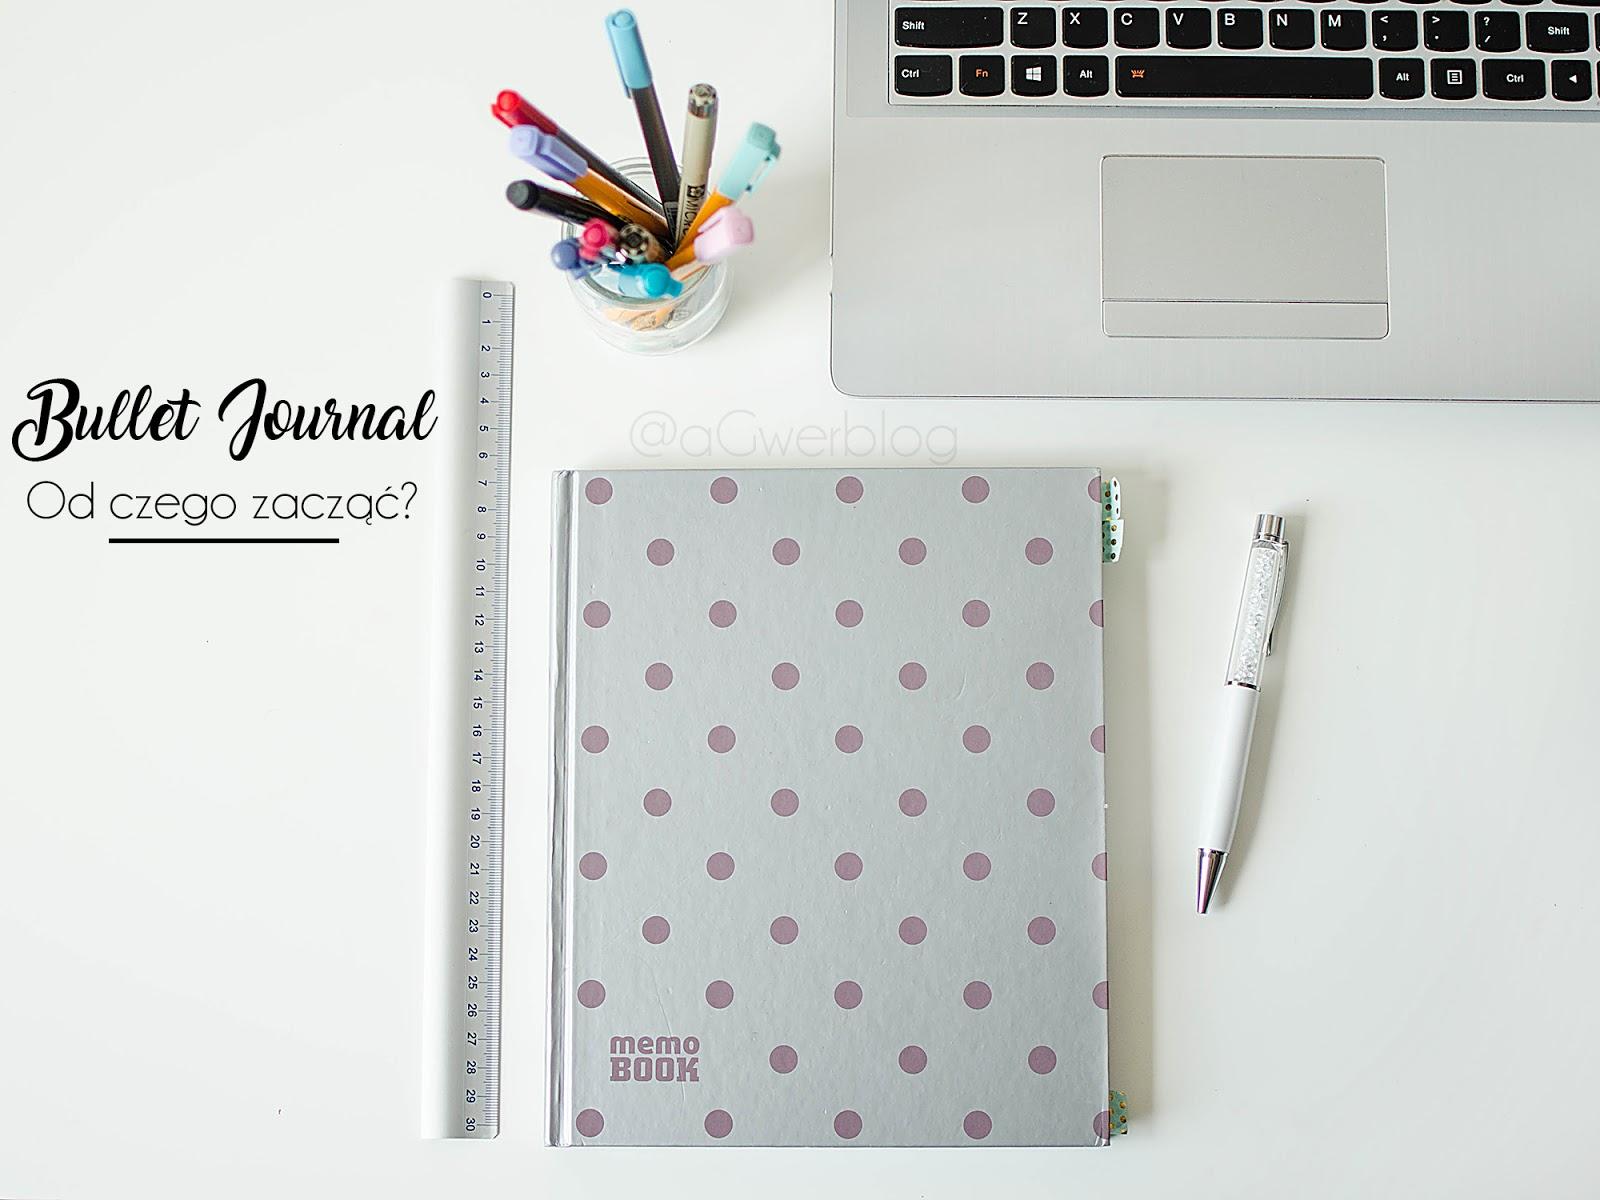 Jak zacząć prowadzić Bullet Journal? Krótka instrukcja dla początkujących.